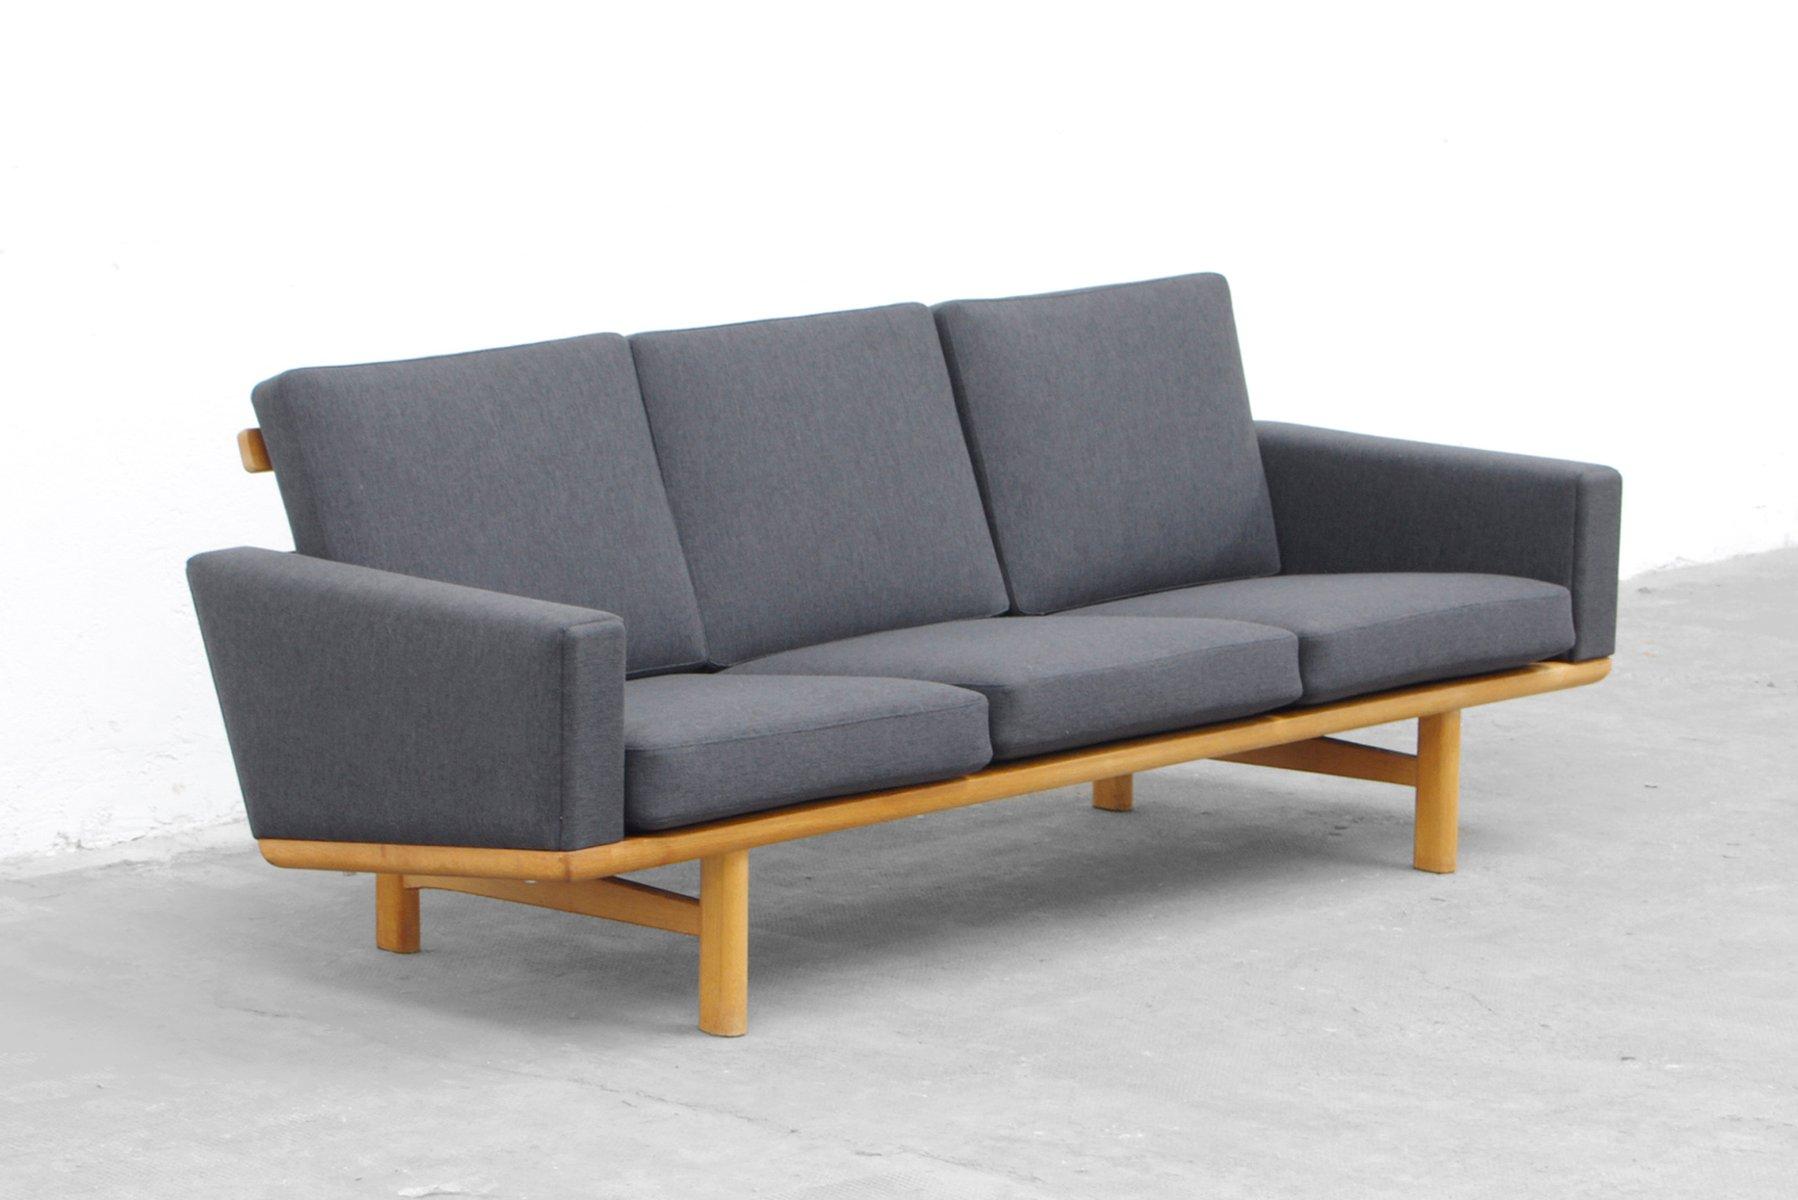 Hans Wegner Sofa 236 – RS Gold Sofa